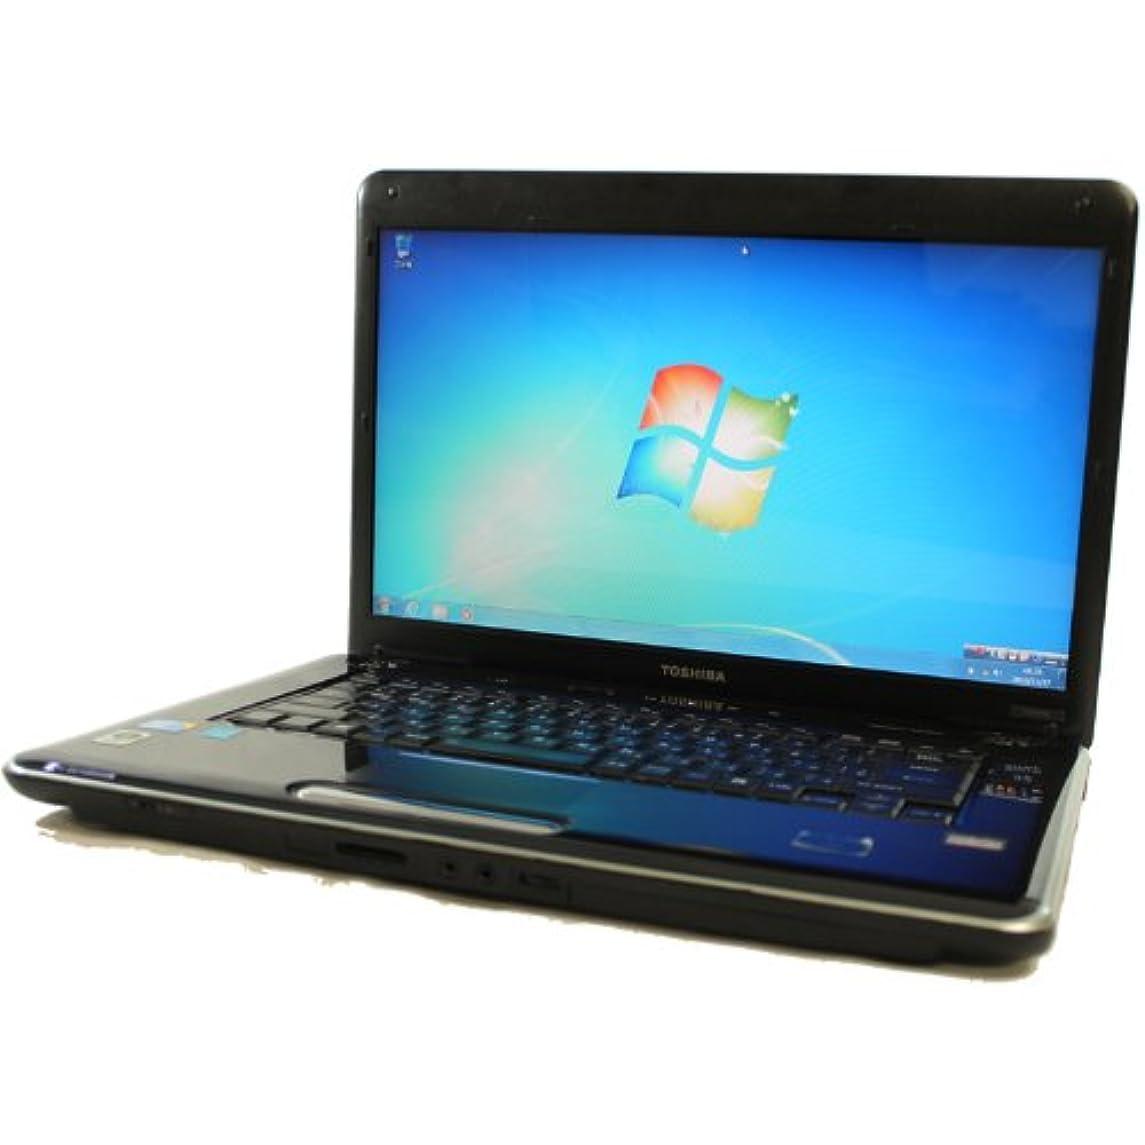 町行うデモンストレーション東芝 dynabook TX/66HBL Core 2 Duo 4GB 250GB DVDスーパーマルチ 16型液晶 無線LAN Windows7 中古